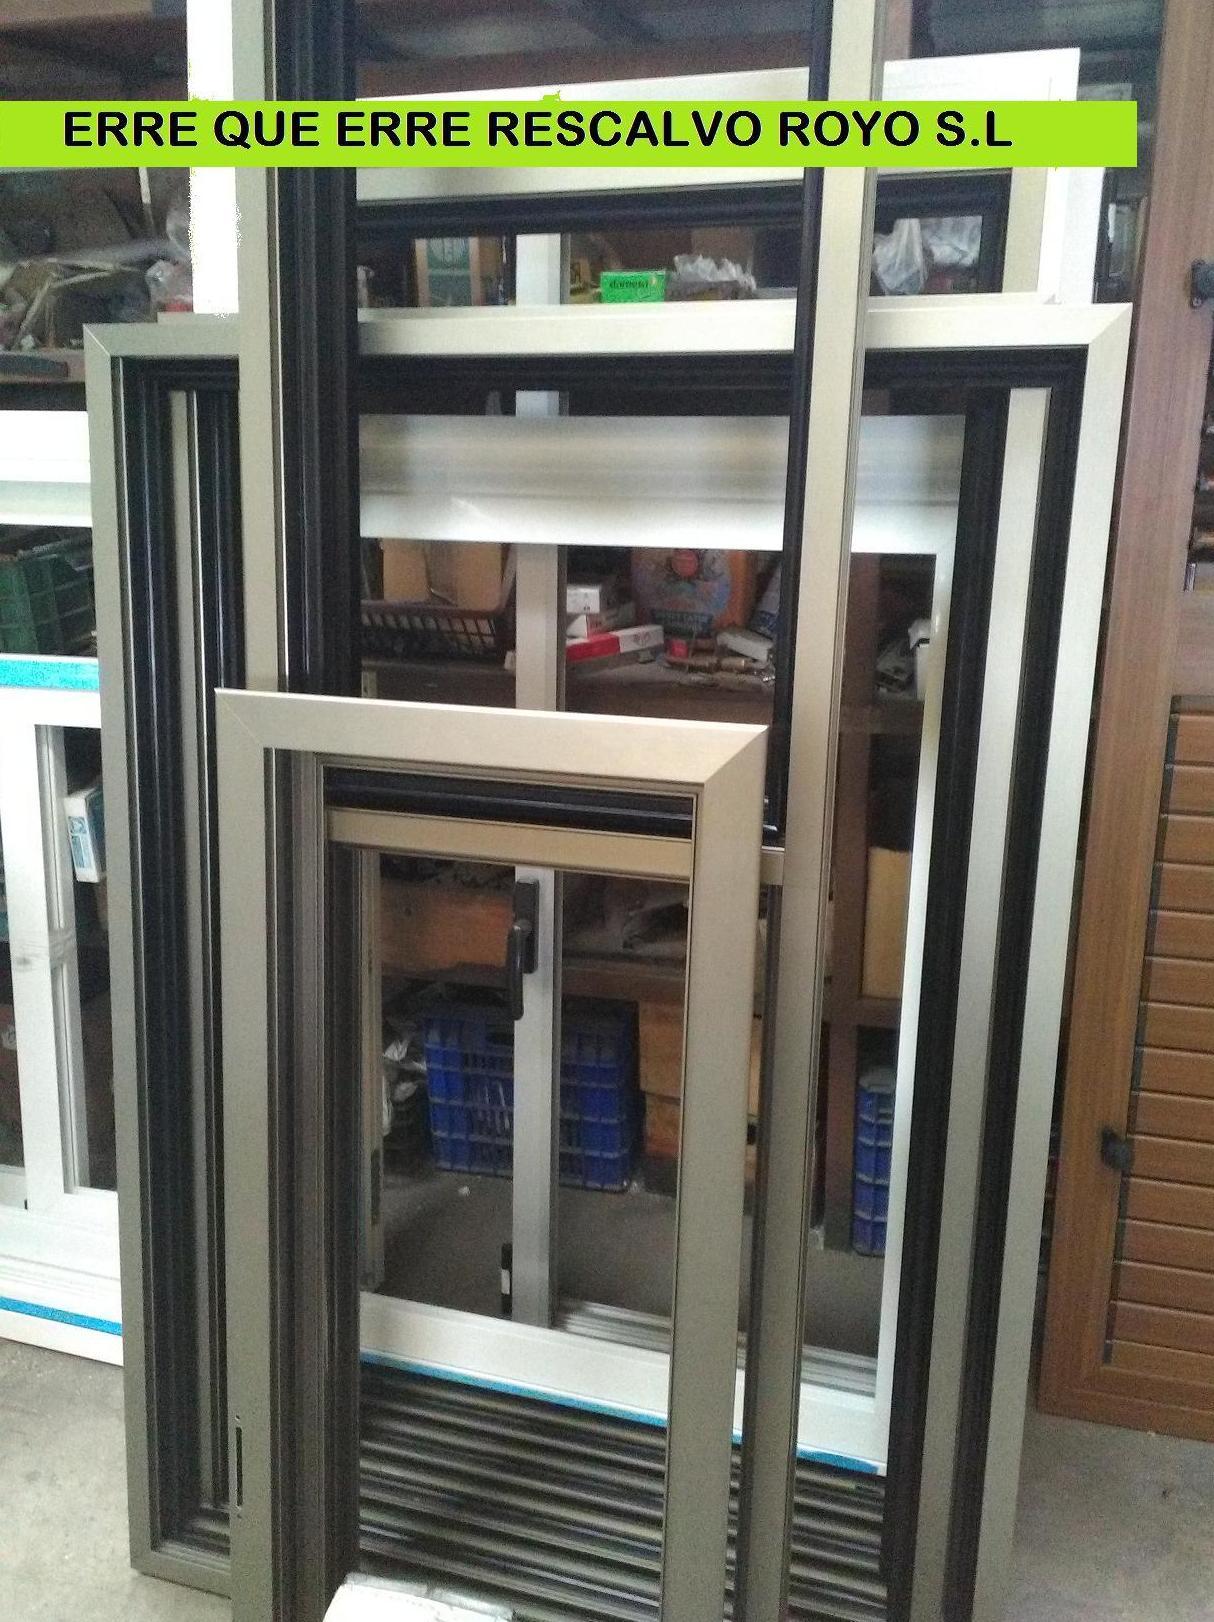 Foto 60 de Carpintería de aluminio, metálica y PVC en  | Exposición, Carpintería de aluminio- toldos-cerrajeria - reformas del hogar.